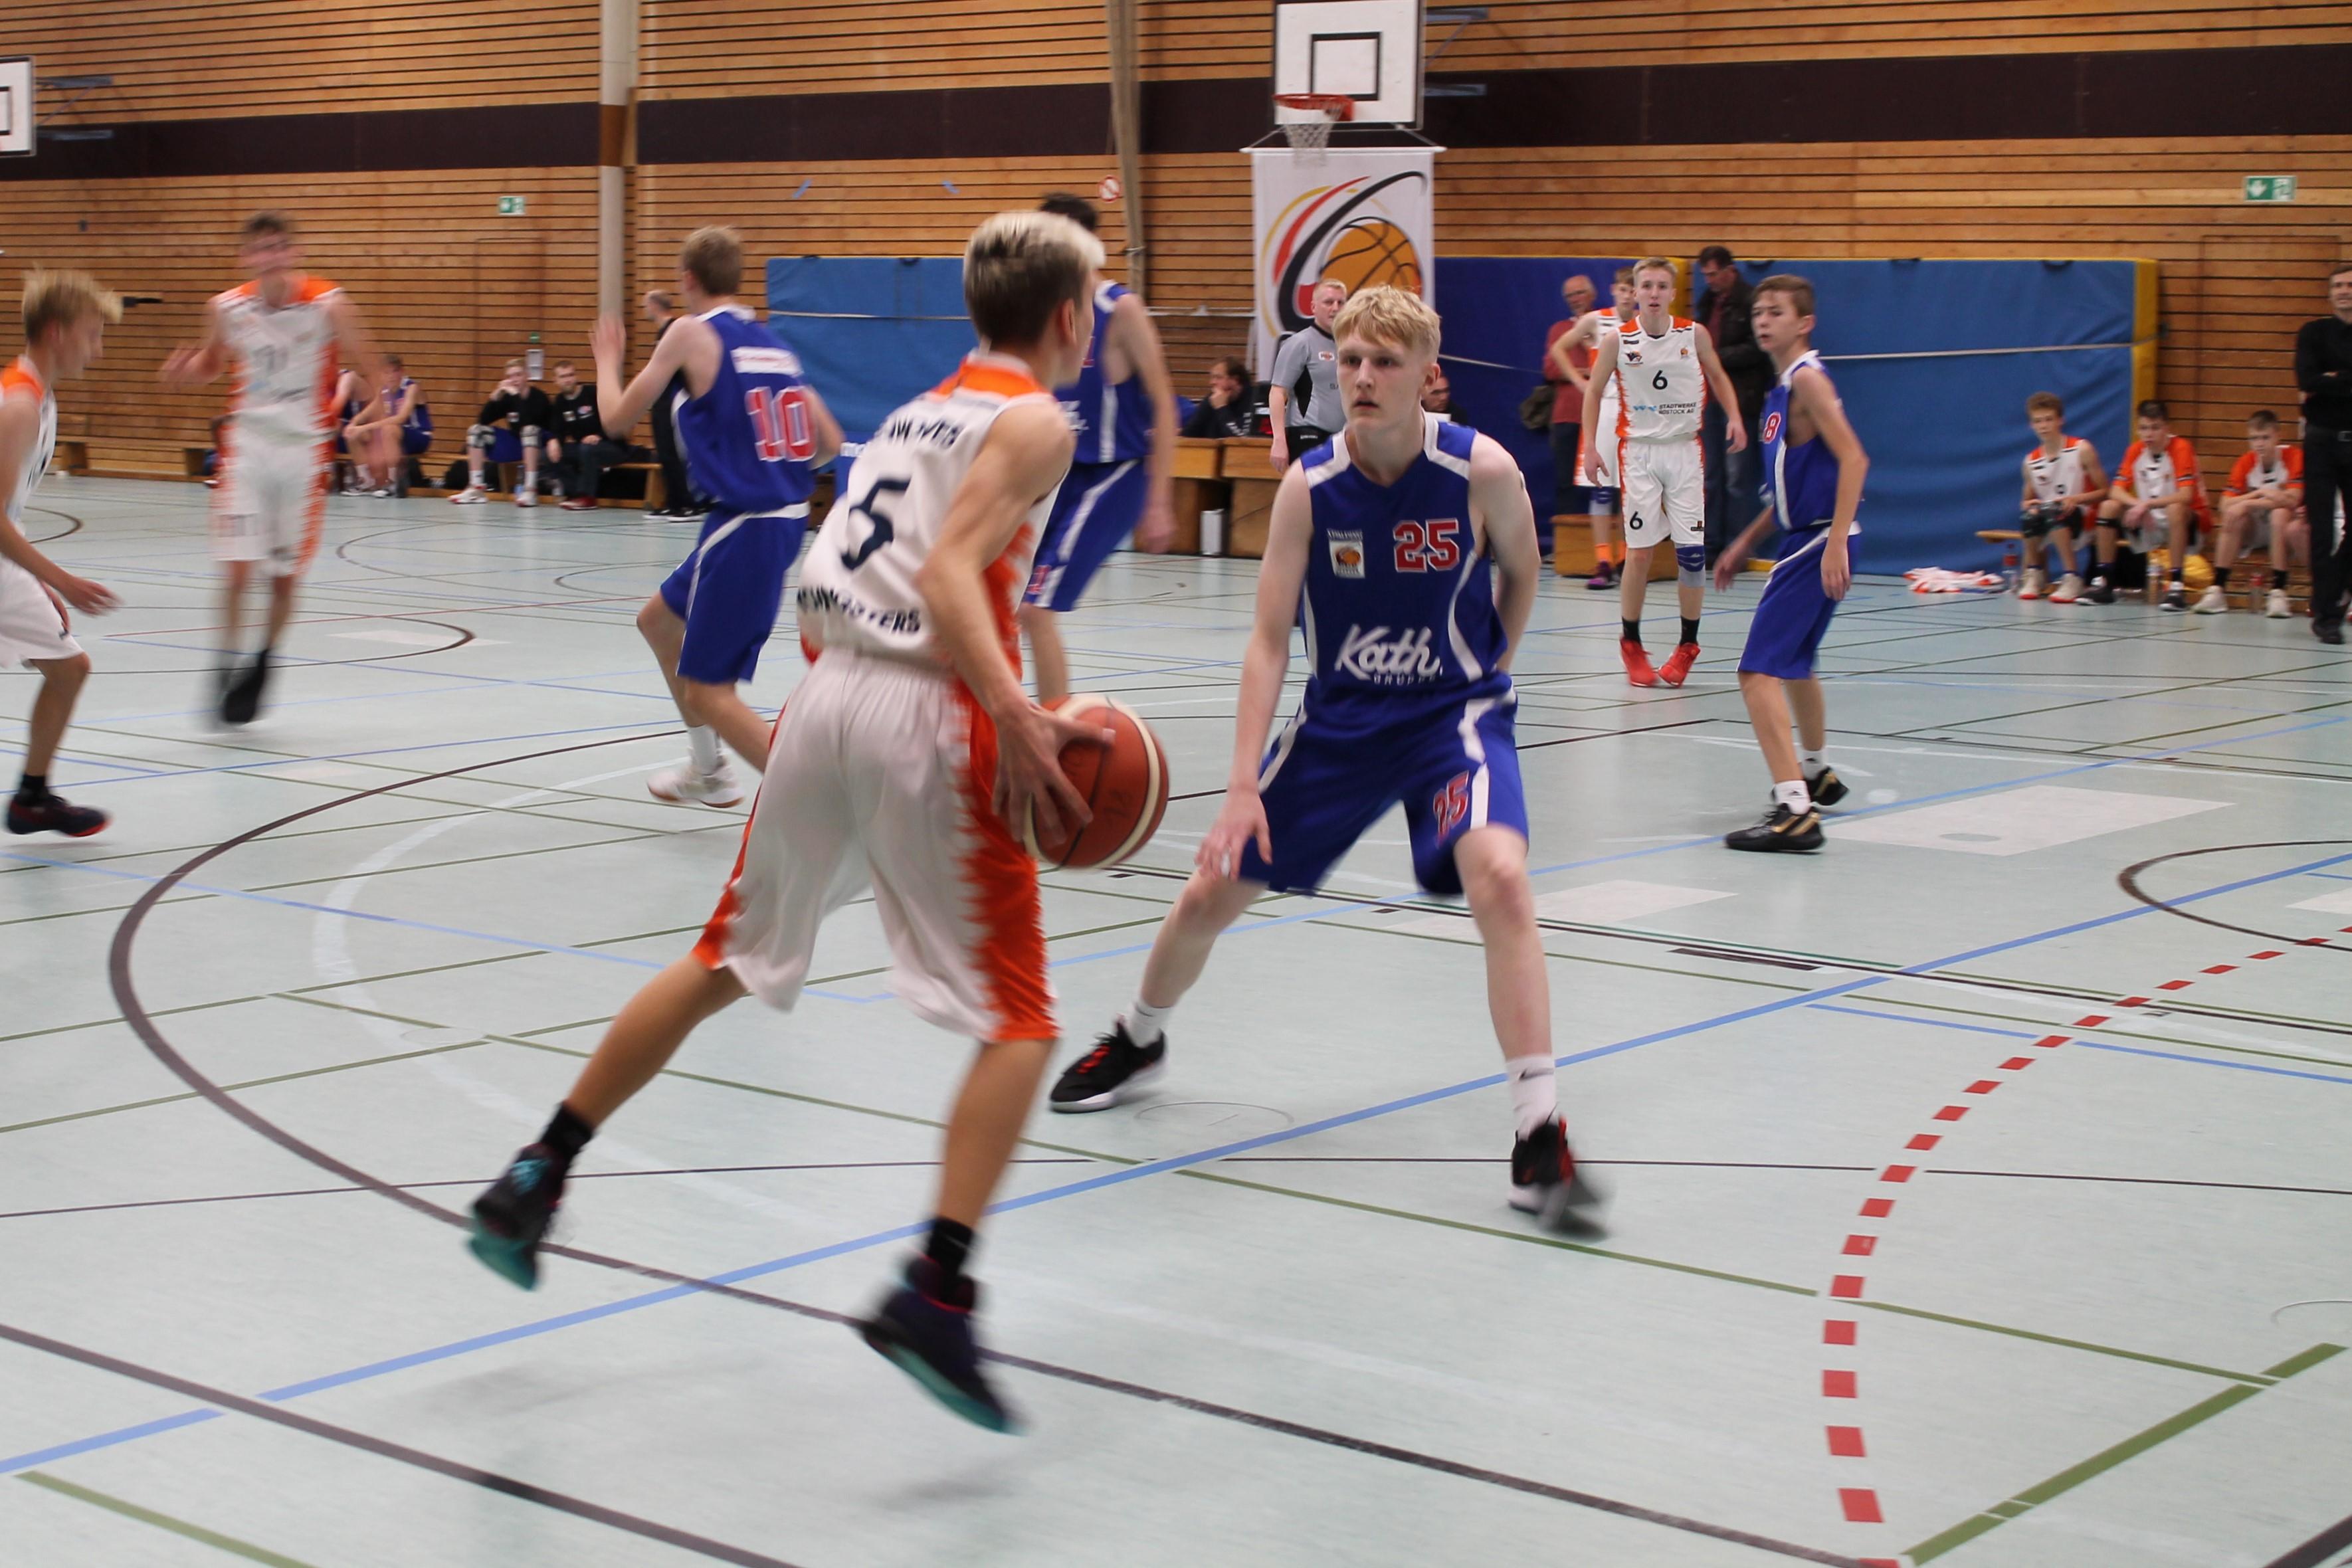 JBBL_19-20_BalticSeaLions_Rostock_Spieltag1_25lohse_defense_5Wolff_offense